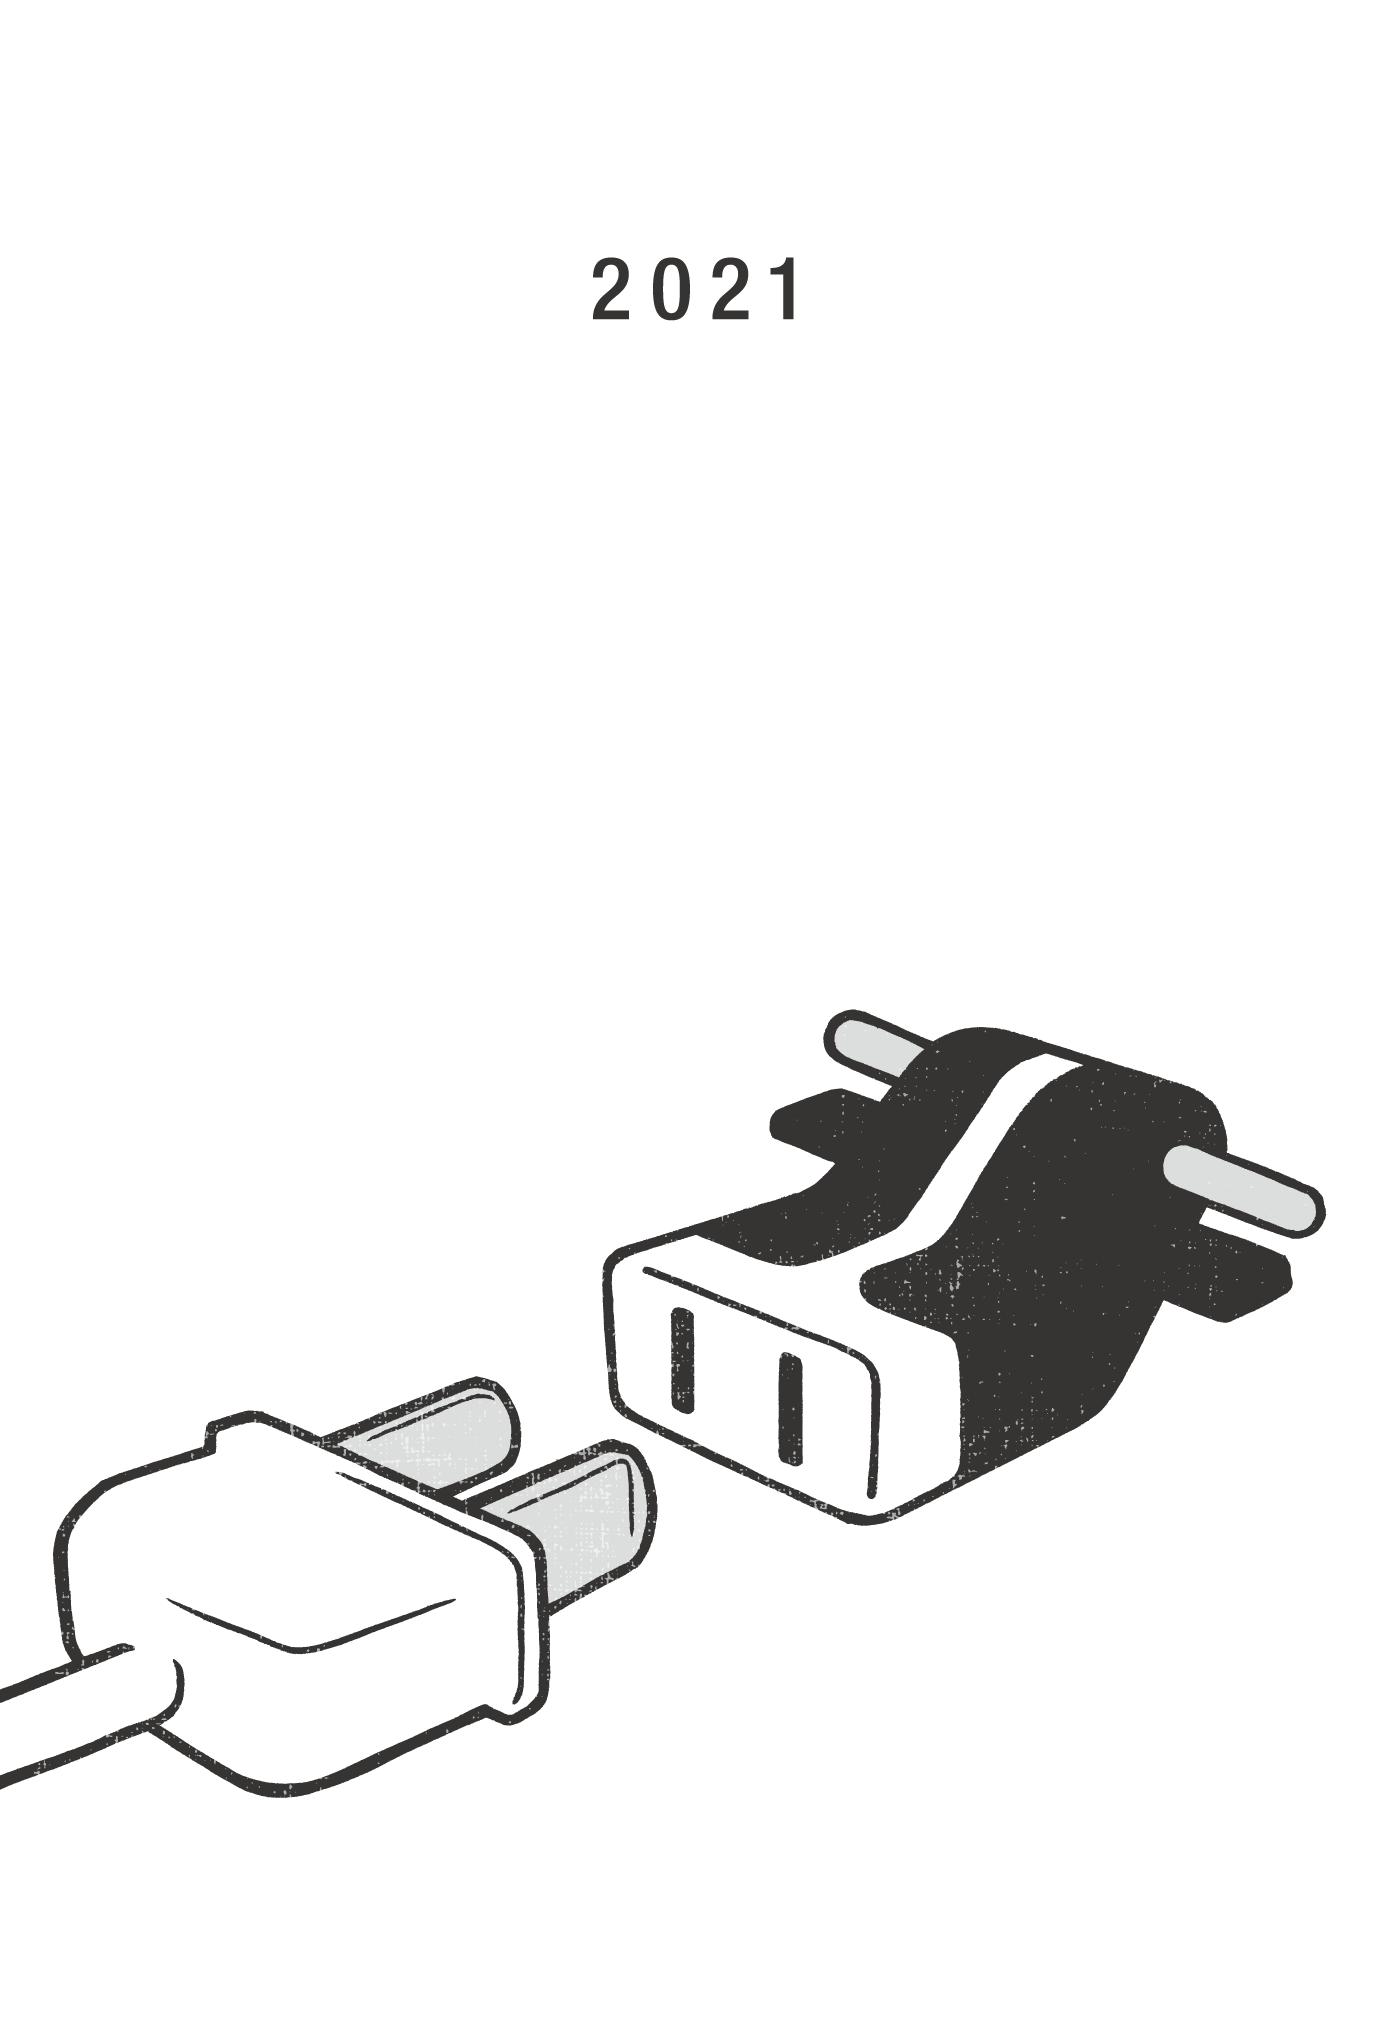 2021年賀状08-3:牛のコンセント / 縦のダウンロード画像